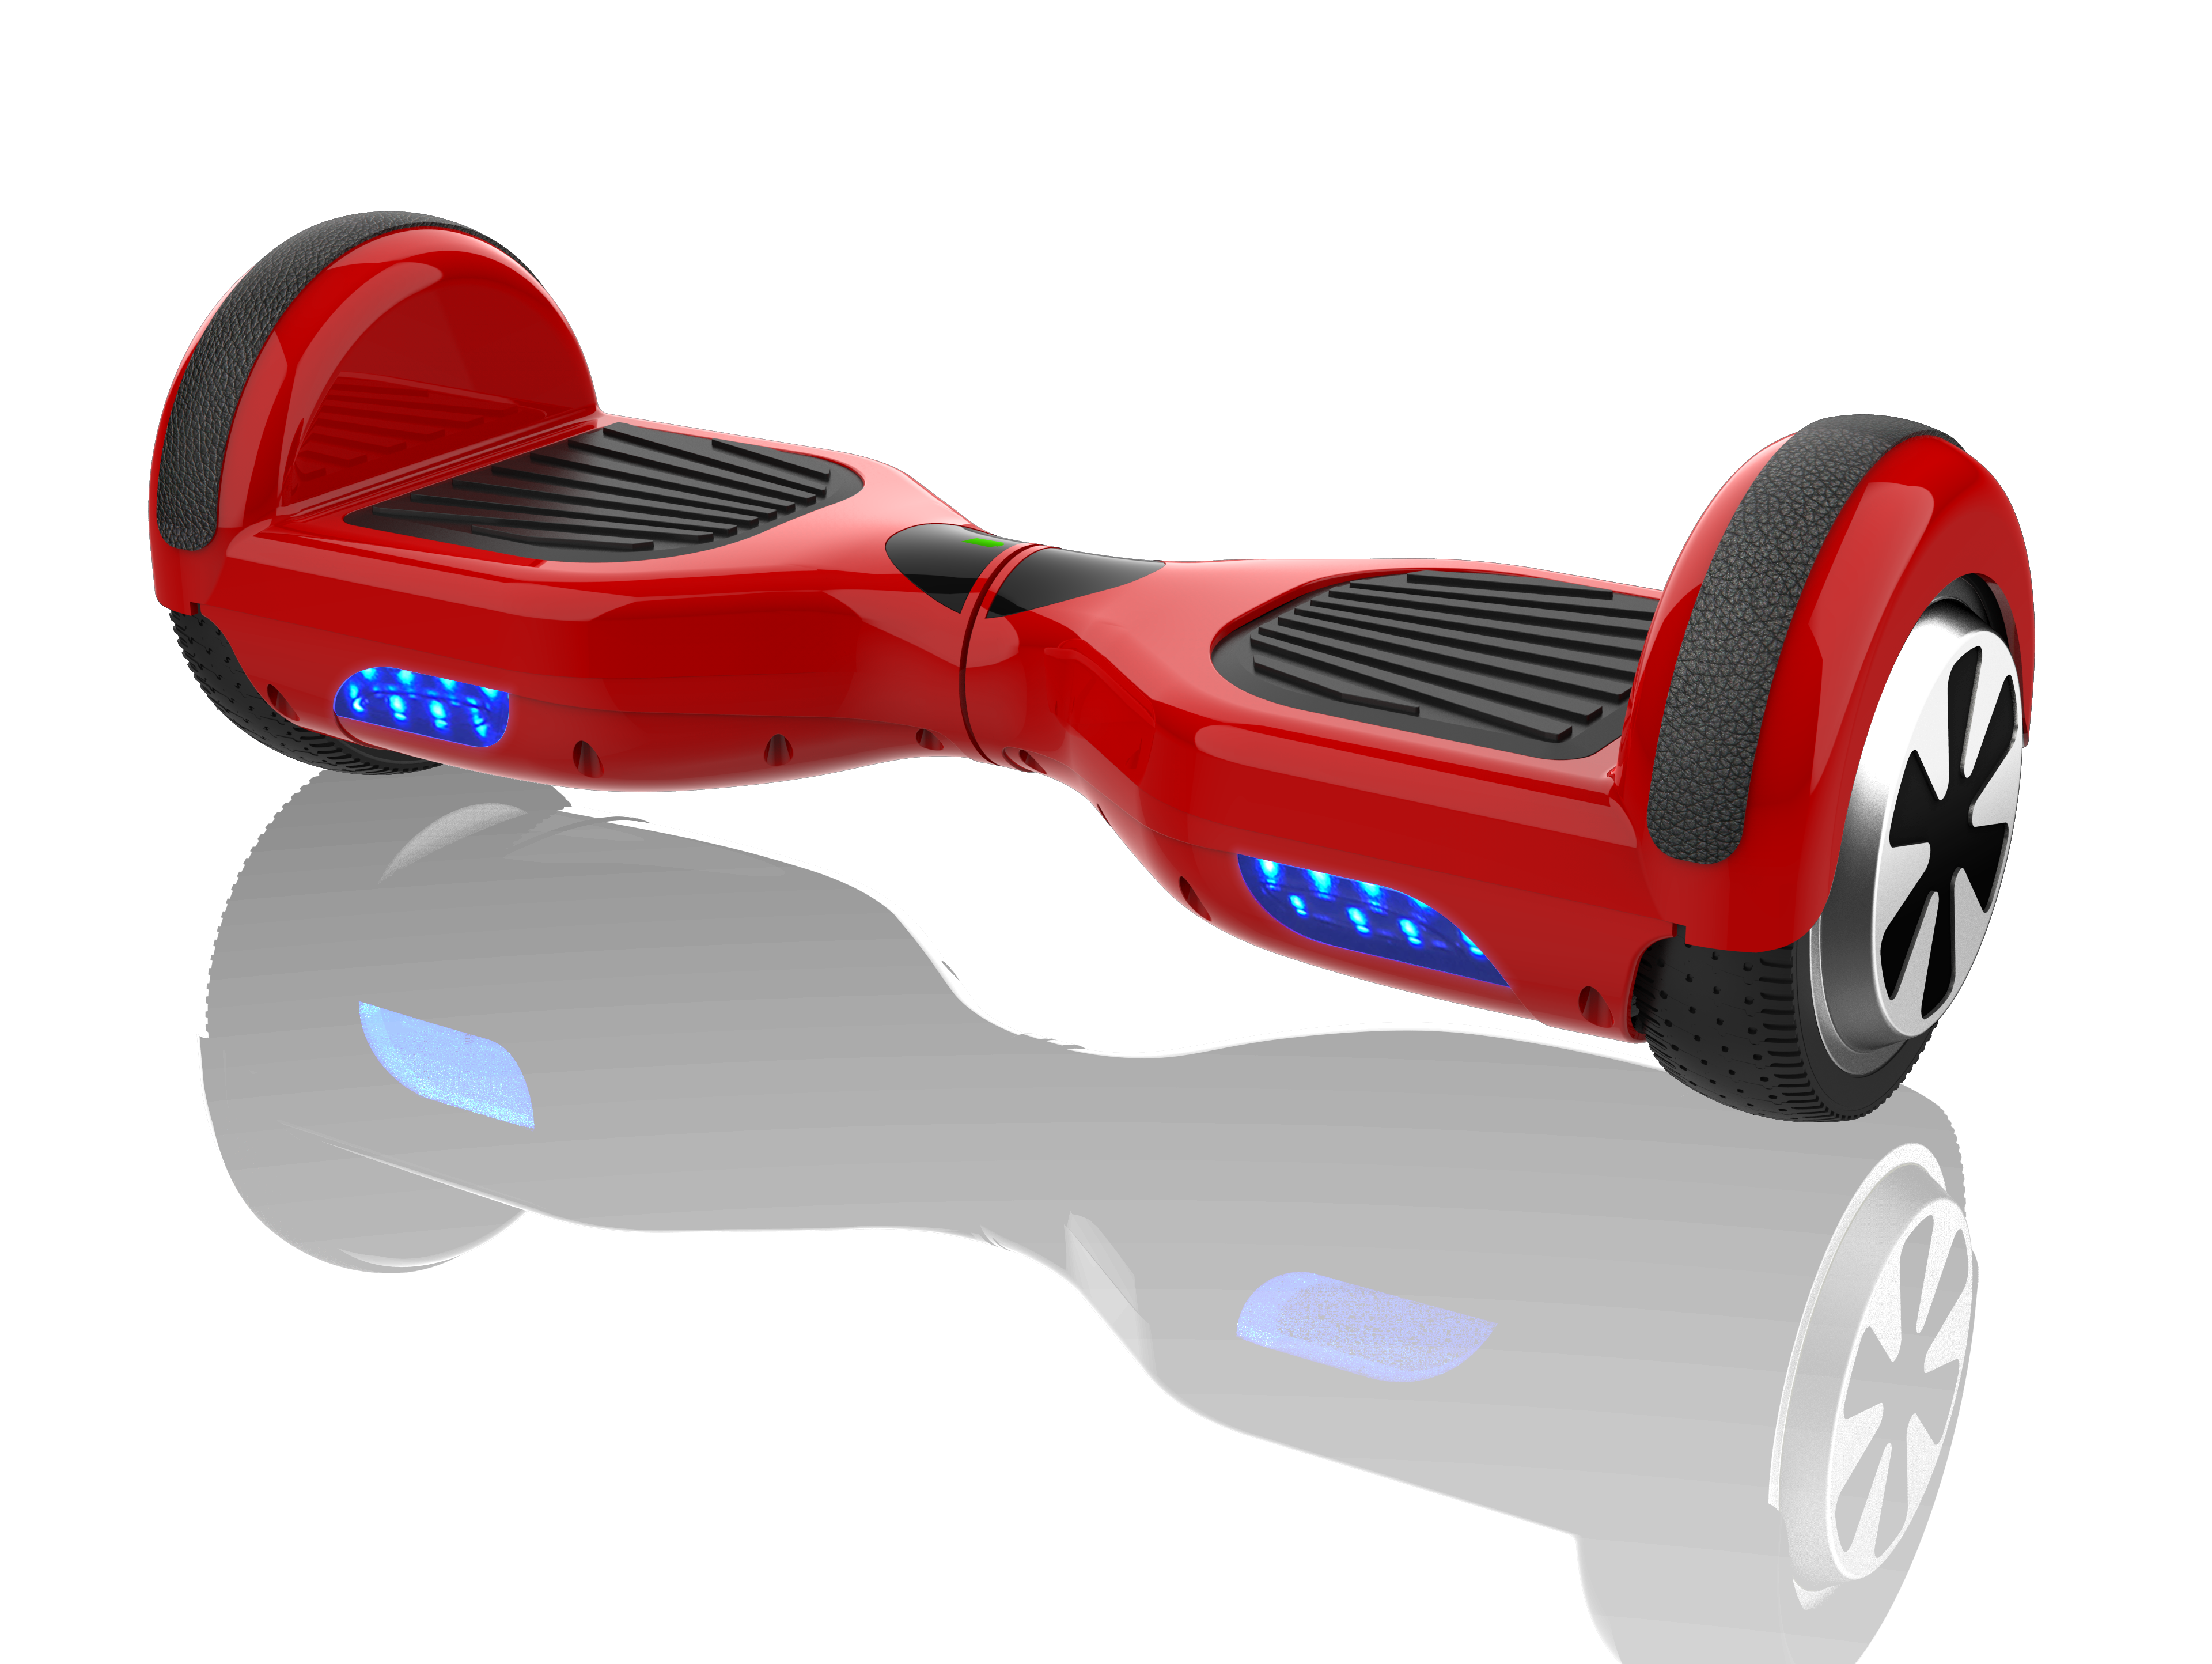 Denver Hbo-6610 Hoverboard